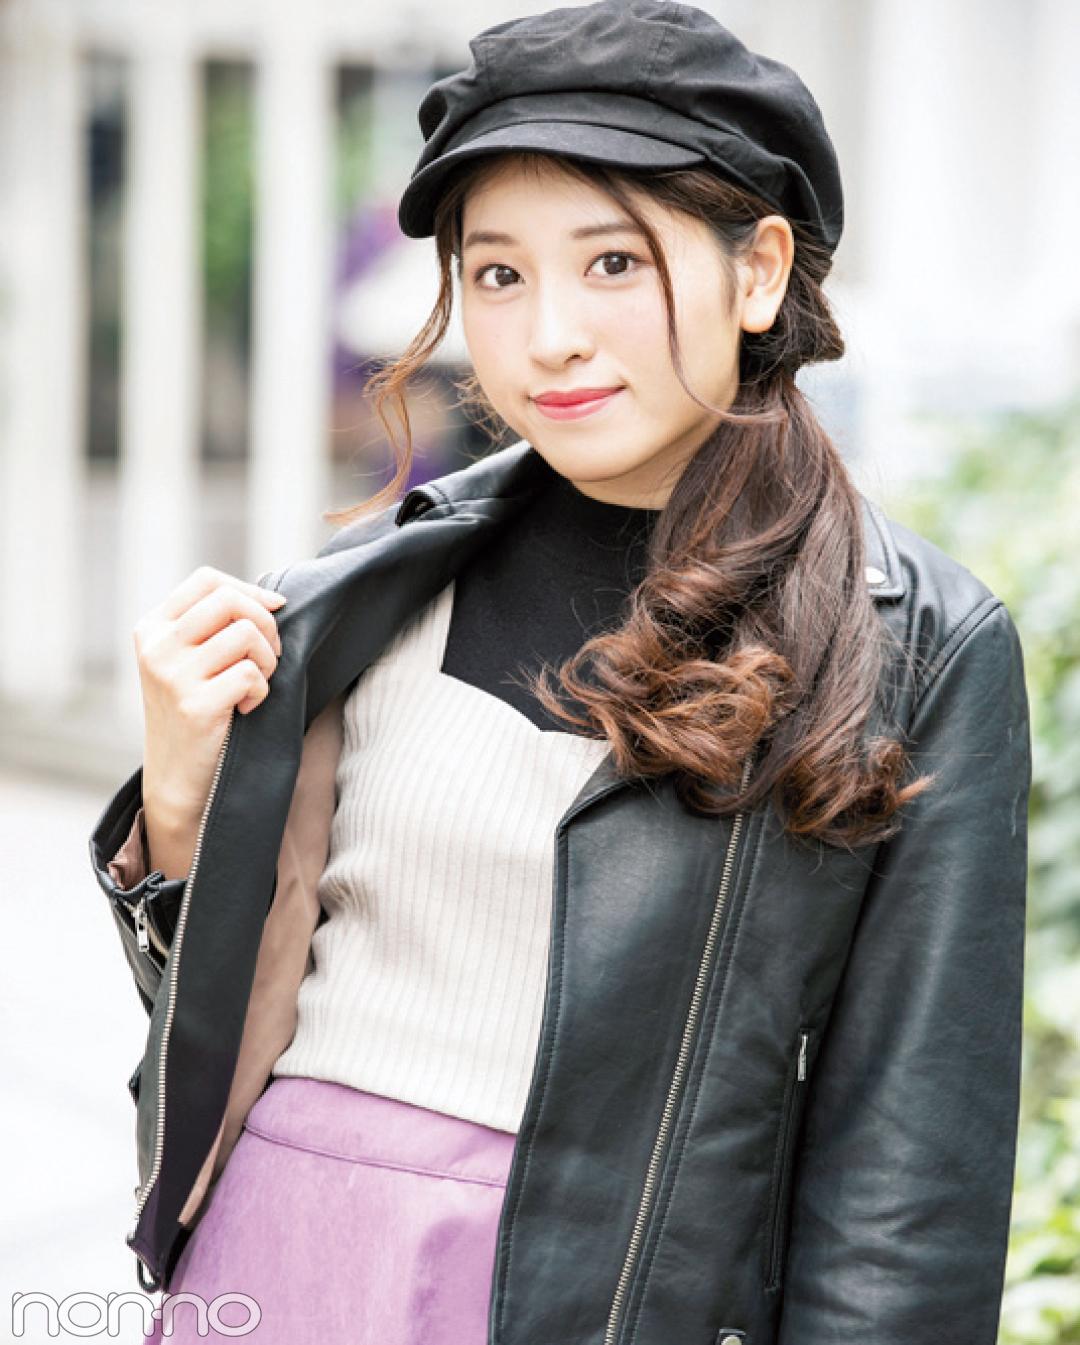 人気読モの冬のライダース×スカートコーデが可愛い!【カワイイ選抜】_1_3